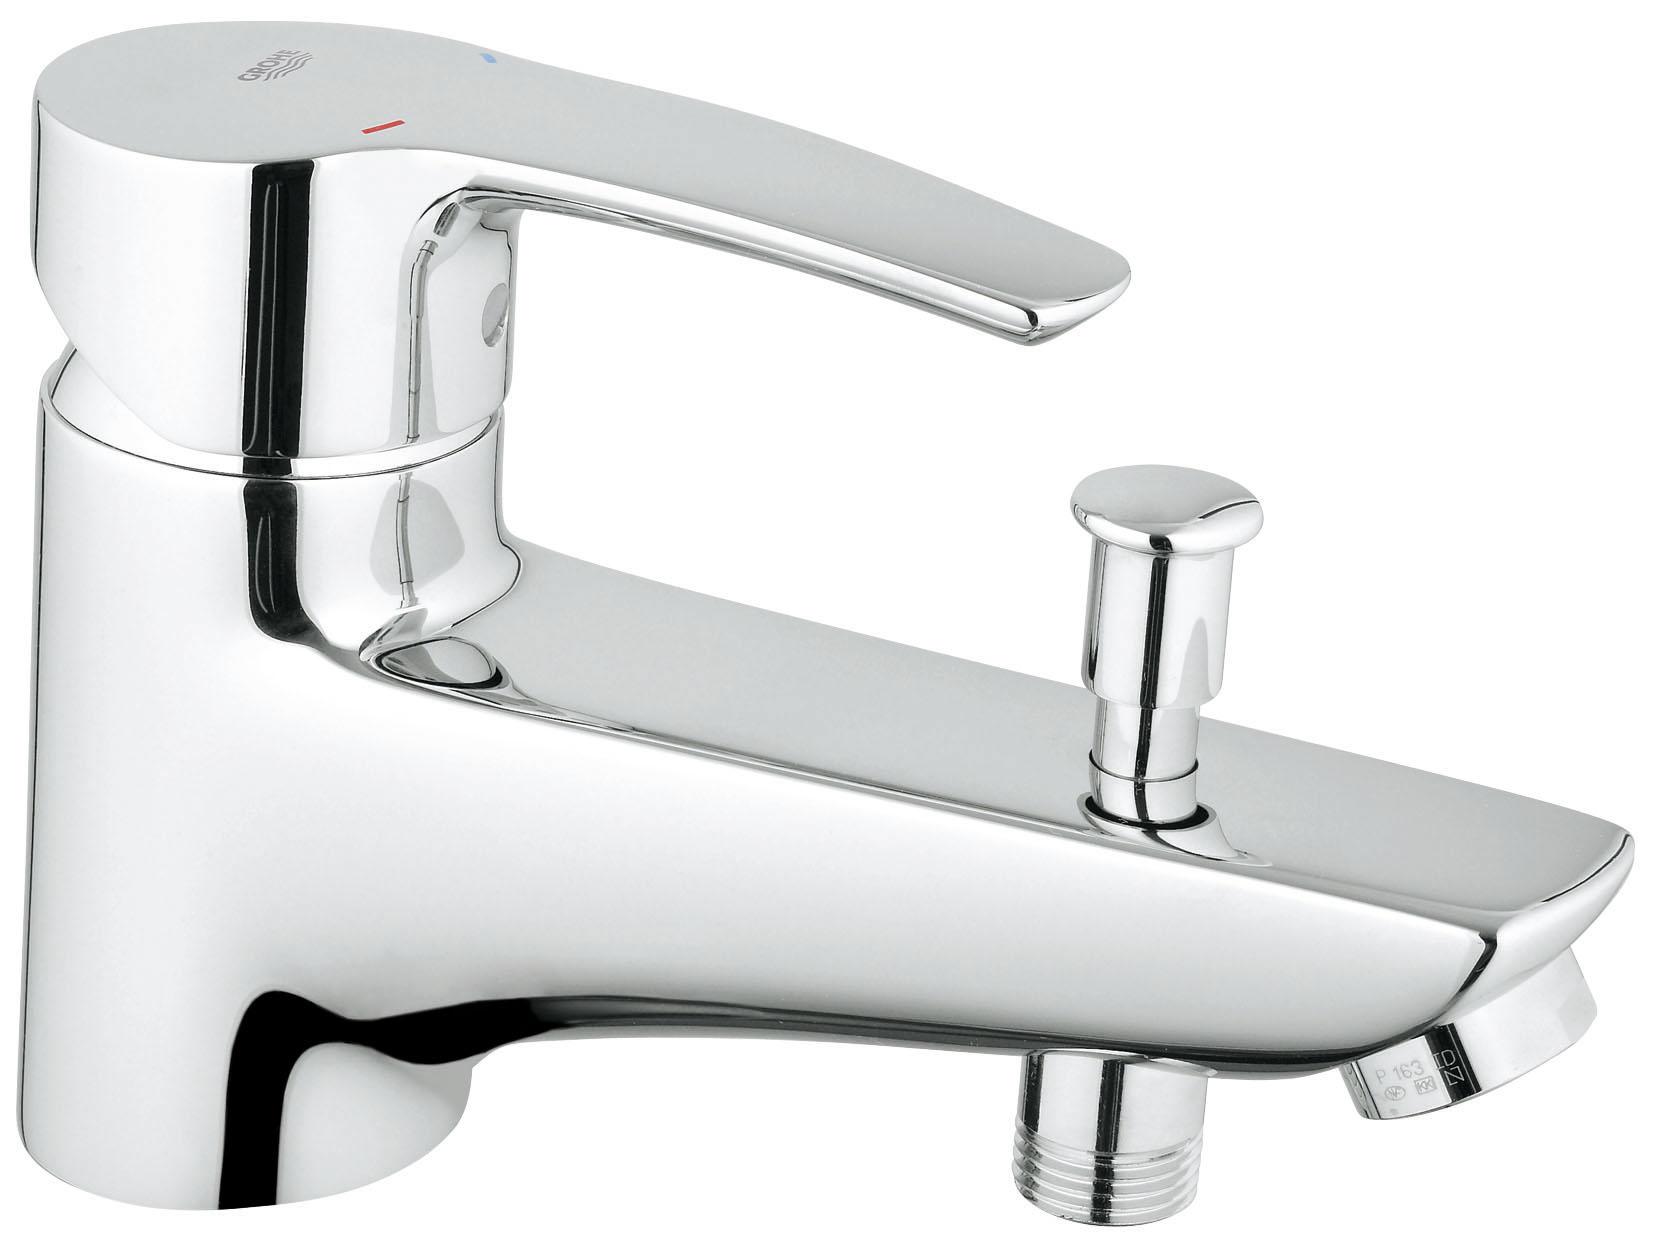 Смеситель для ванны GROHE Eurostyle c креплением на бортик (33614001)BA900Монтаж на одно отверстиеМеталлический рычаг46 мм керамический картридж с Eco-Override-StopРегулировка расхода водыВозможность установки мин. расхода 2,5 л/мин.Автоматический переключатель: ванна/душВстроенный обратный клапан в душевом отводе 1/2?АэраторГибкая подводкаДополнительный ограничитель температурыС защитой от обратного потокаGROHE StarLight хромированная поверхность